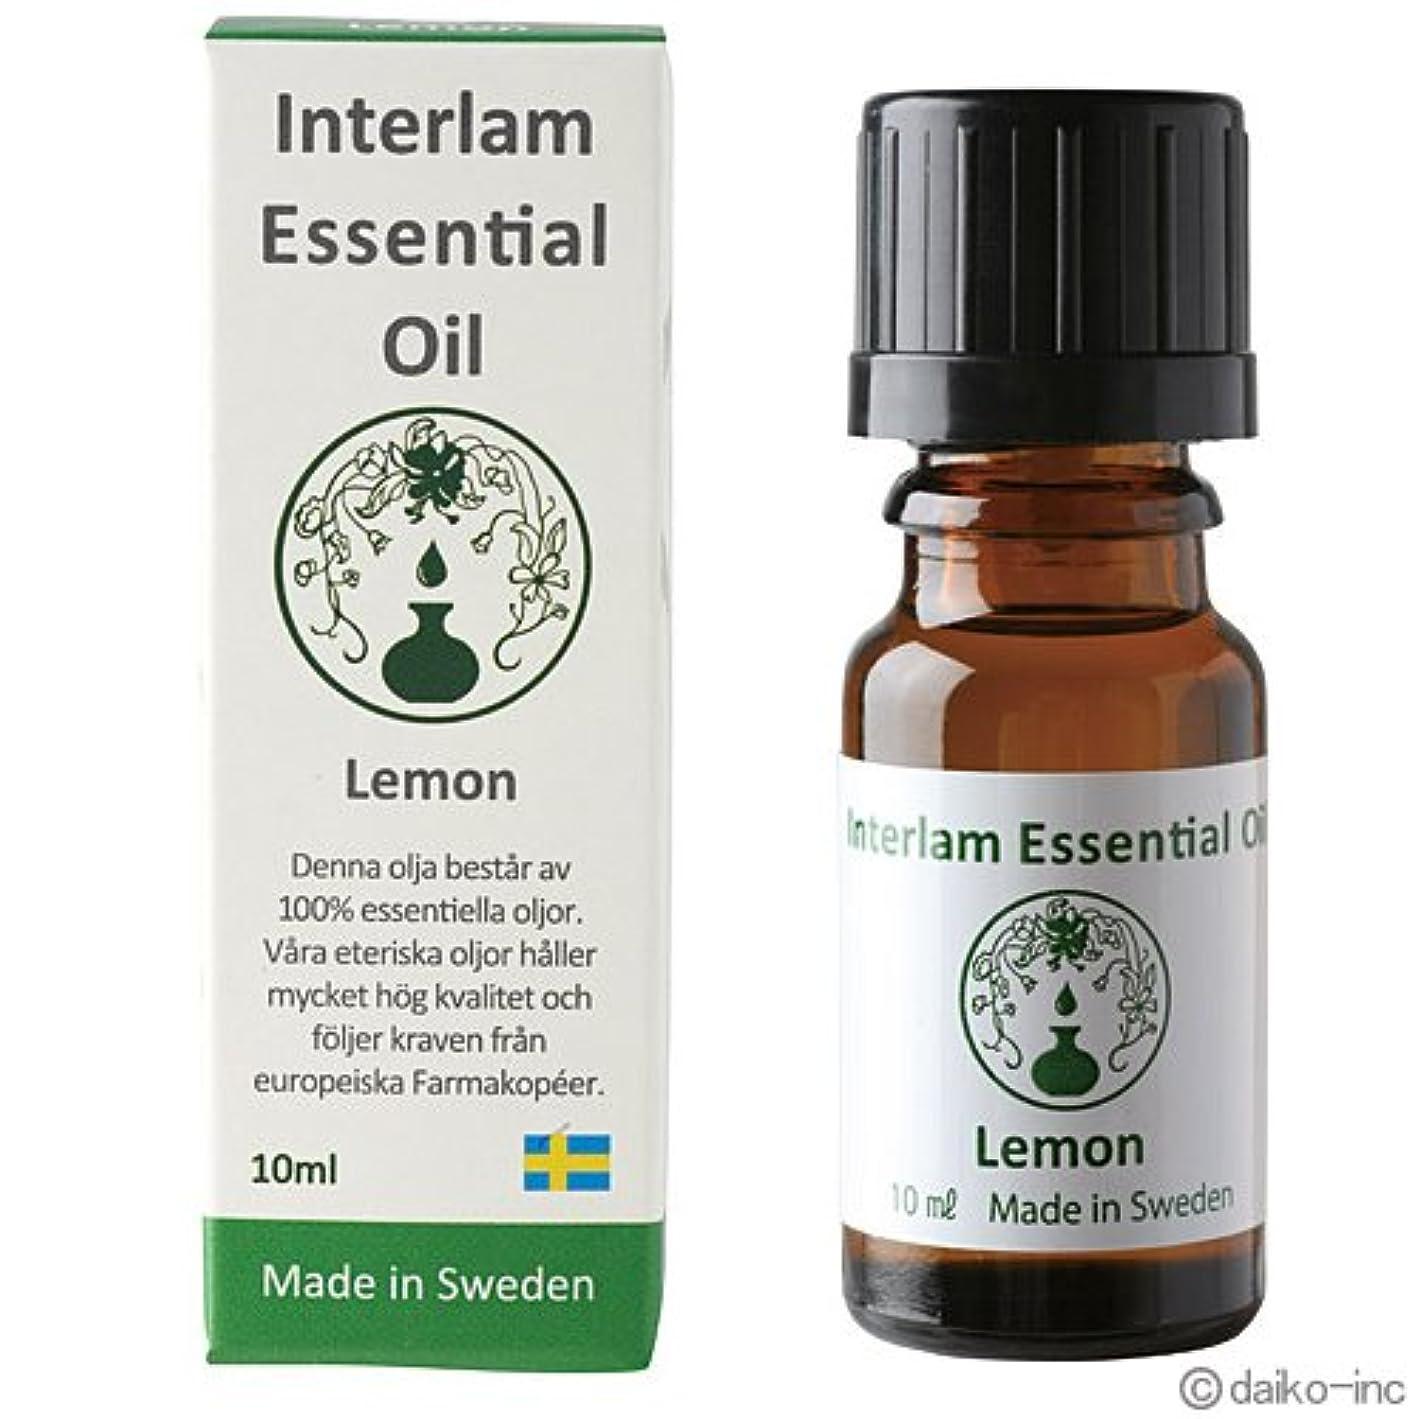 頬骨宅配便納得させるInterlam Essential Oil レモン 10ml